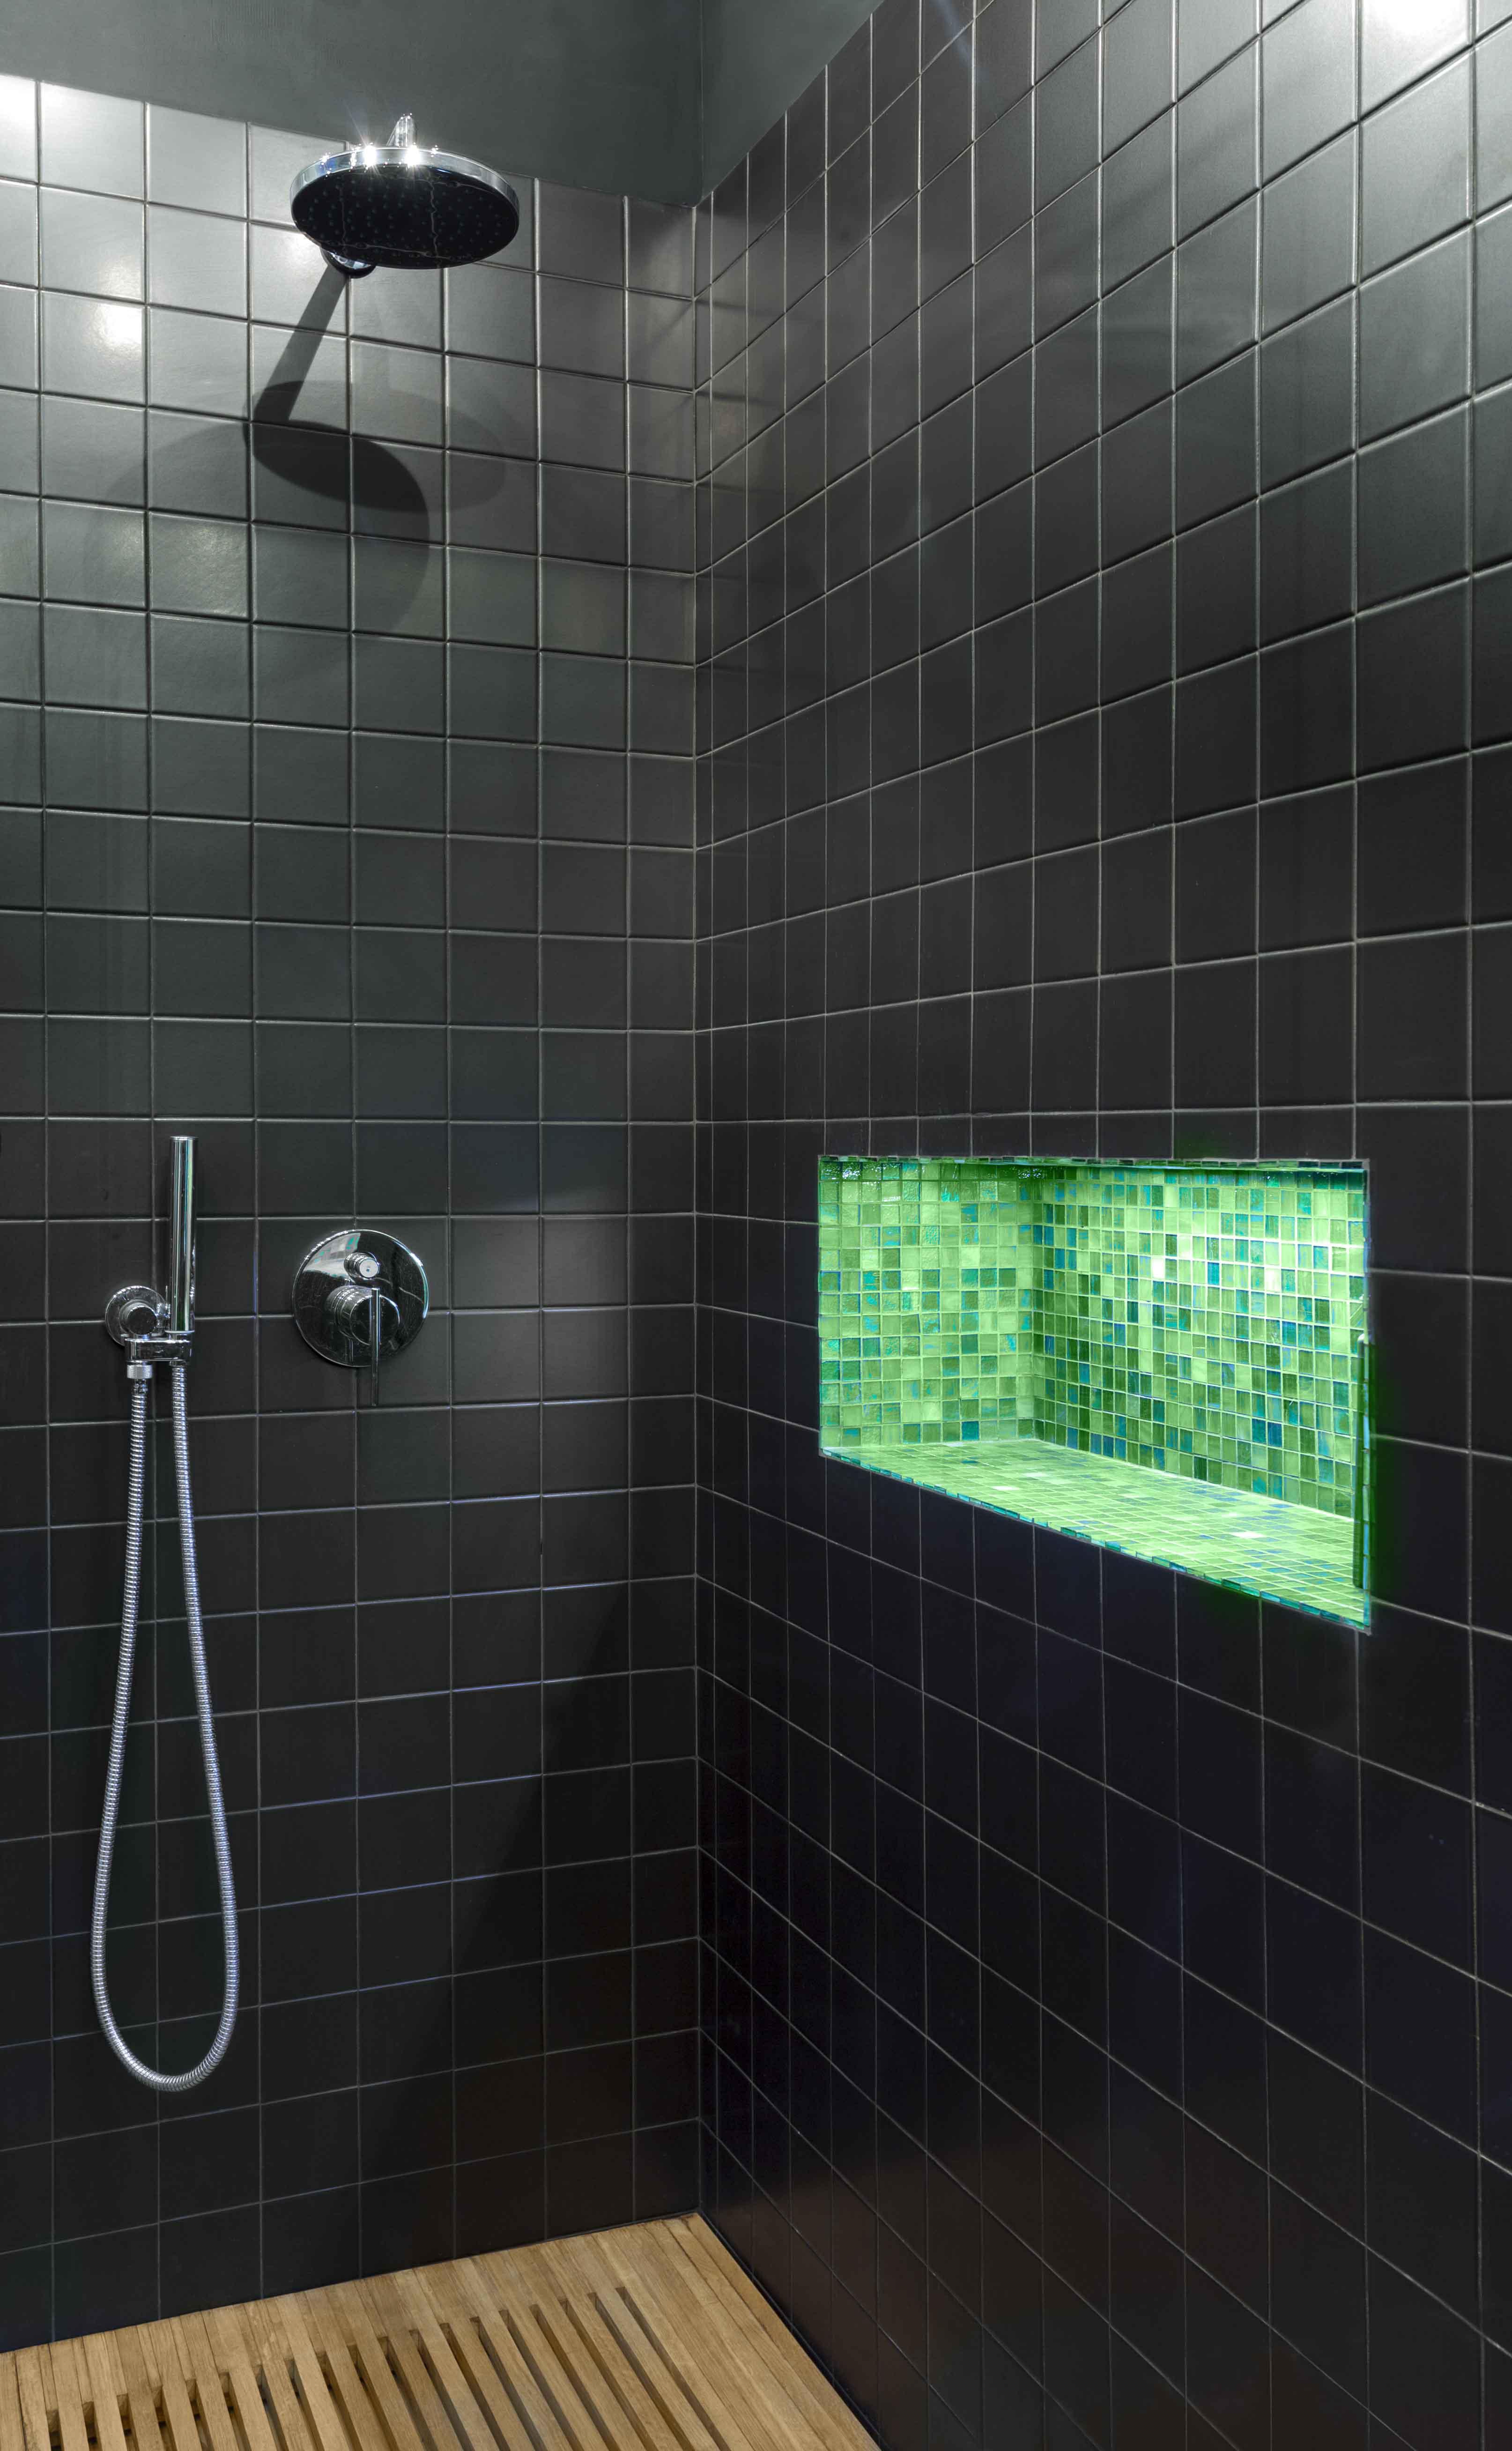 021-GUESTHOUSE BATHROOM